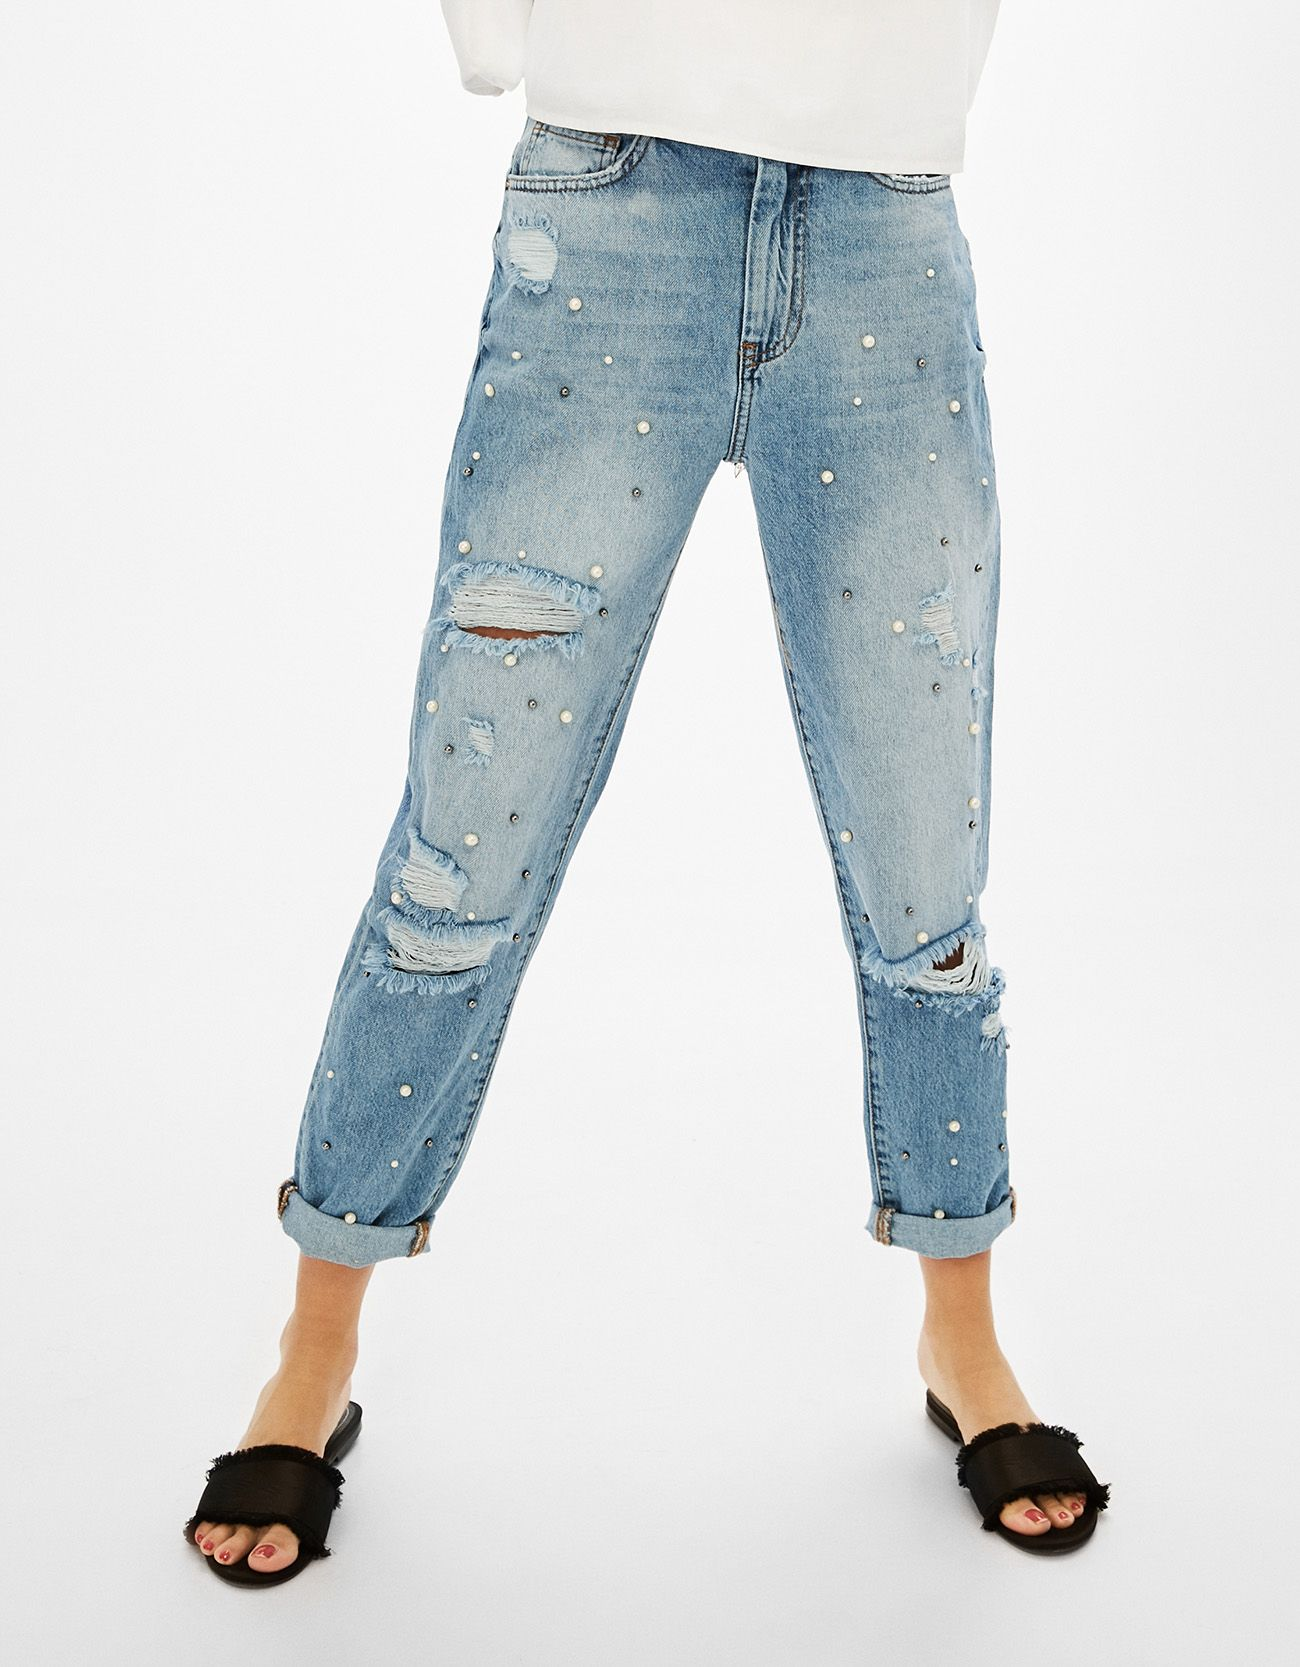 acf484b503e64 Jeans Mon Fit perlas y rotos. Descubre ésta y muchas otras prendas en  Bershka con nuevos productos cada semana